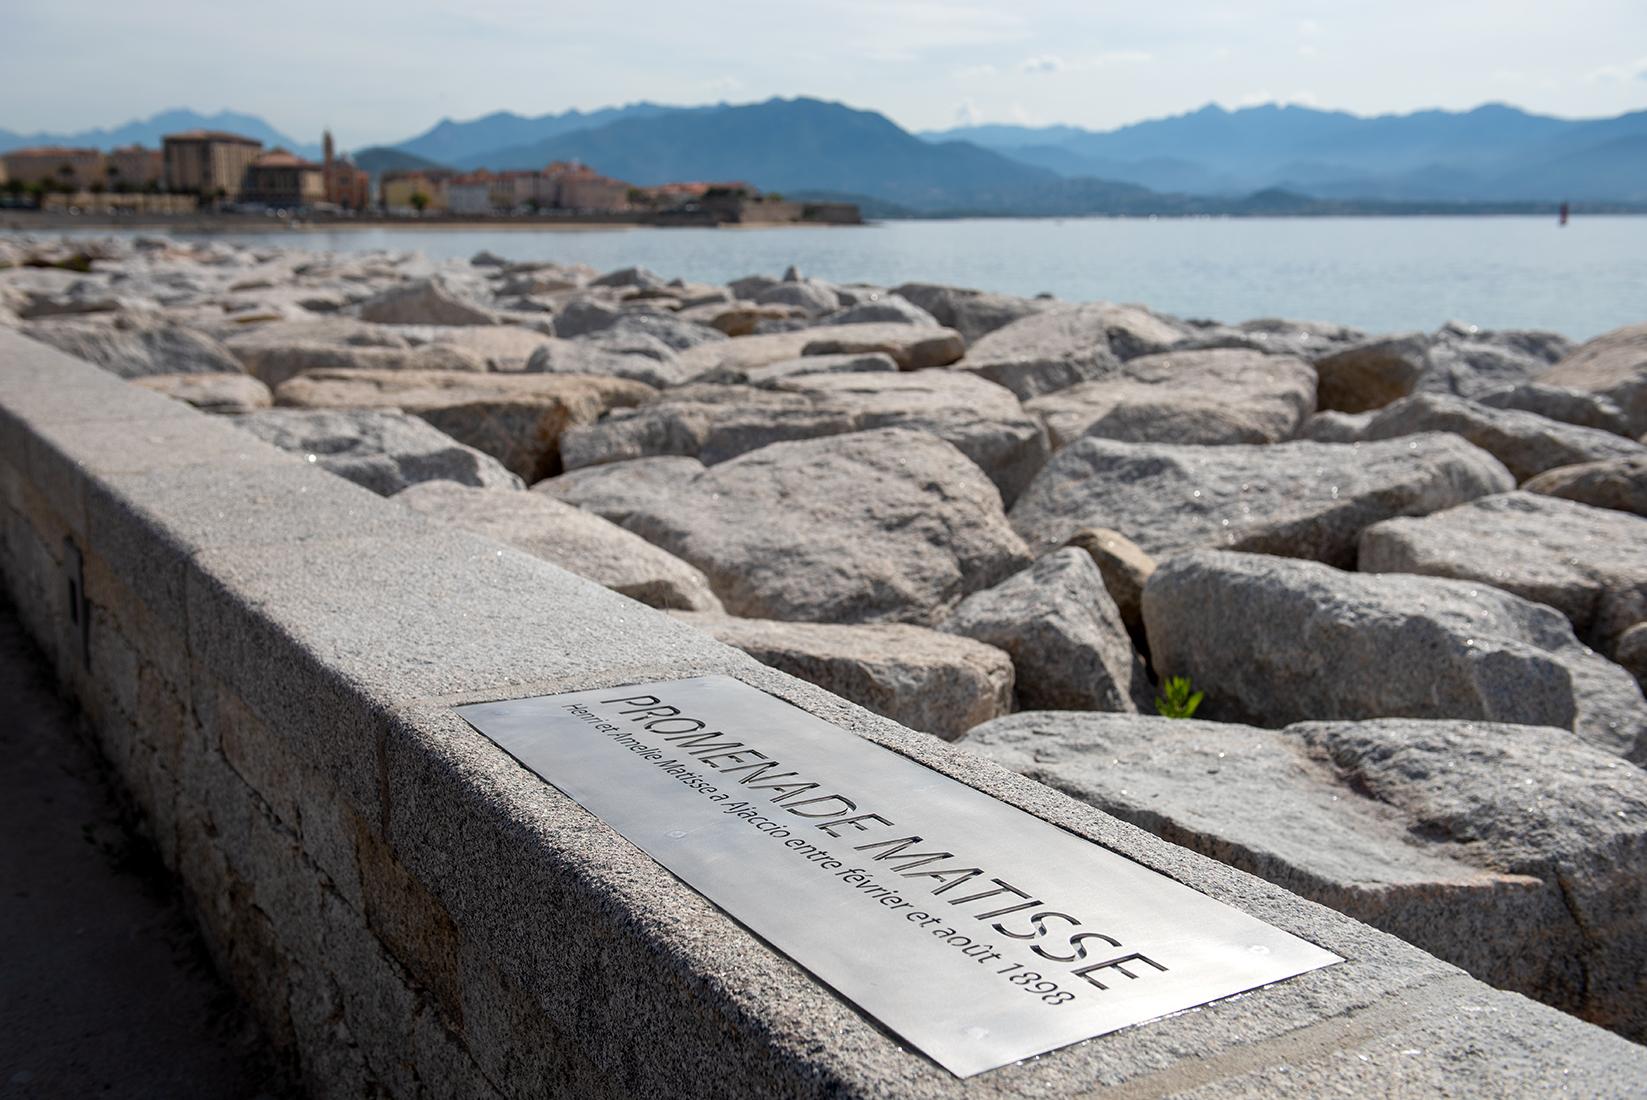 """La promenade Matisse entre la plage Trottel et la place Miot sera également dotée d'une reproduction du tableau """"Le Mur rose""""."""